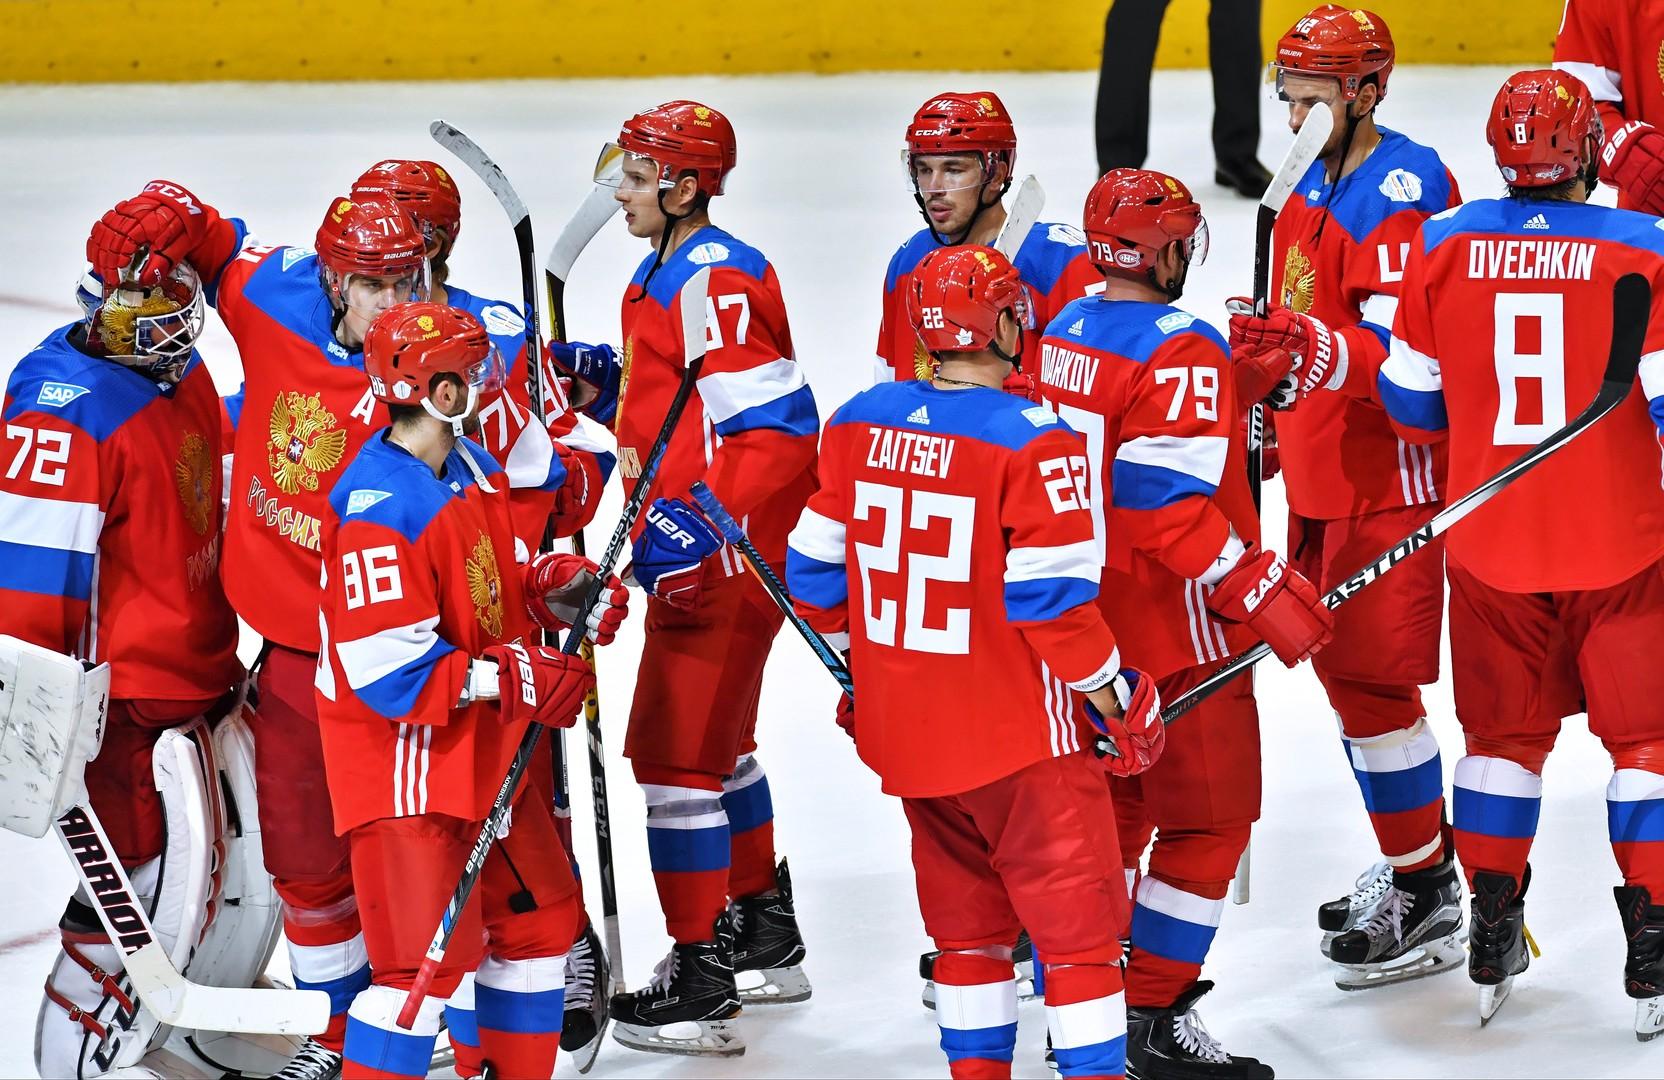 Навстречу Канаде: сборная России вышла в полуфинал Кубка мира по хоккею